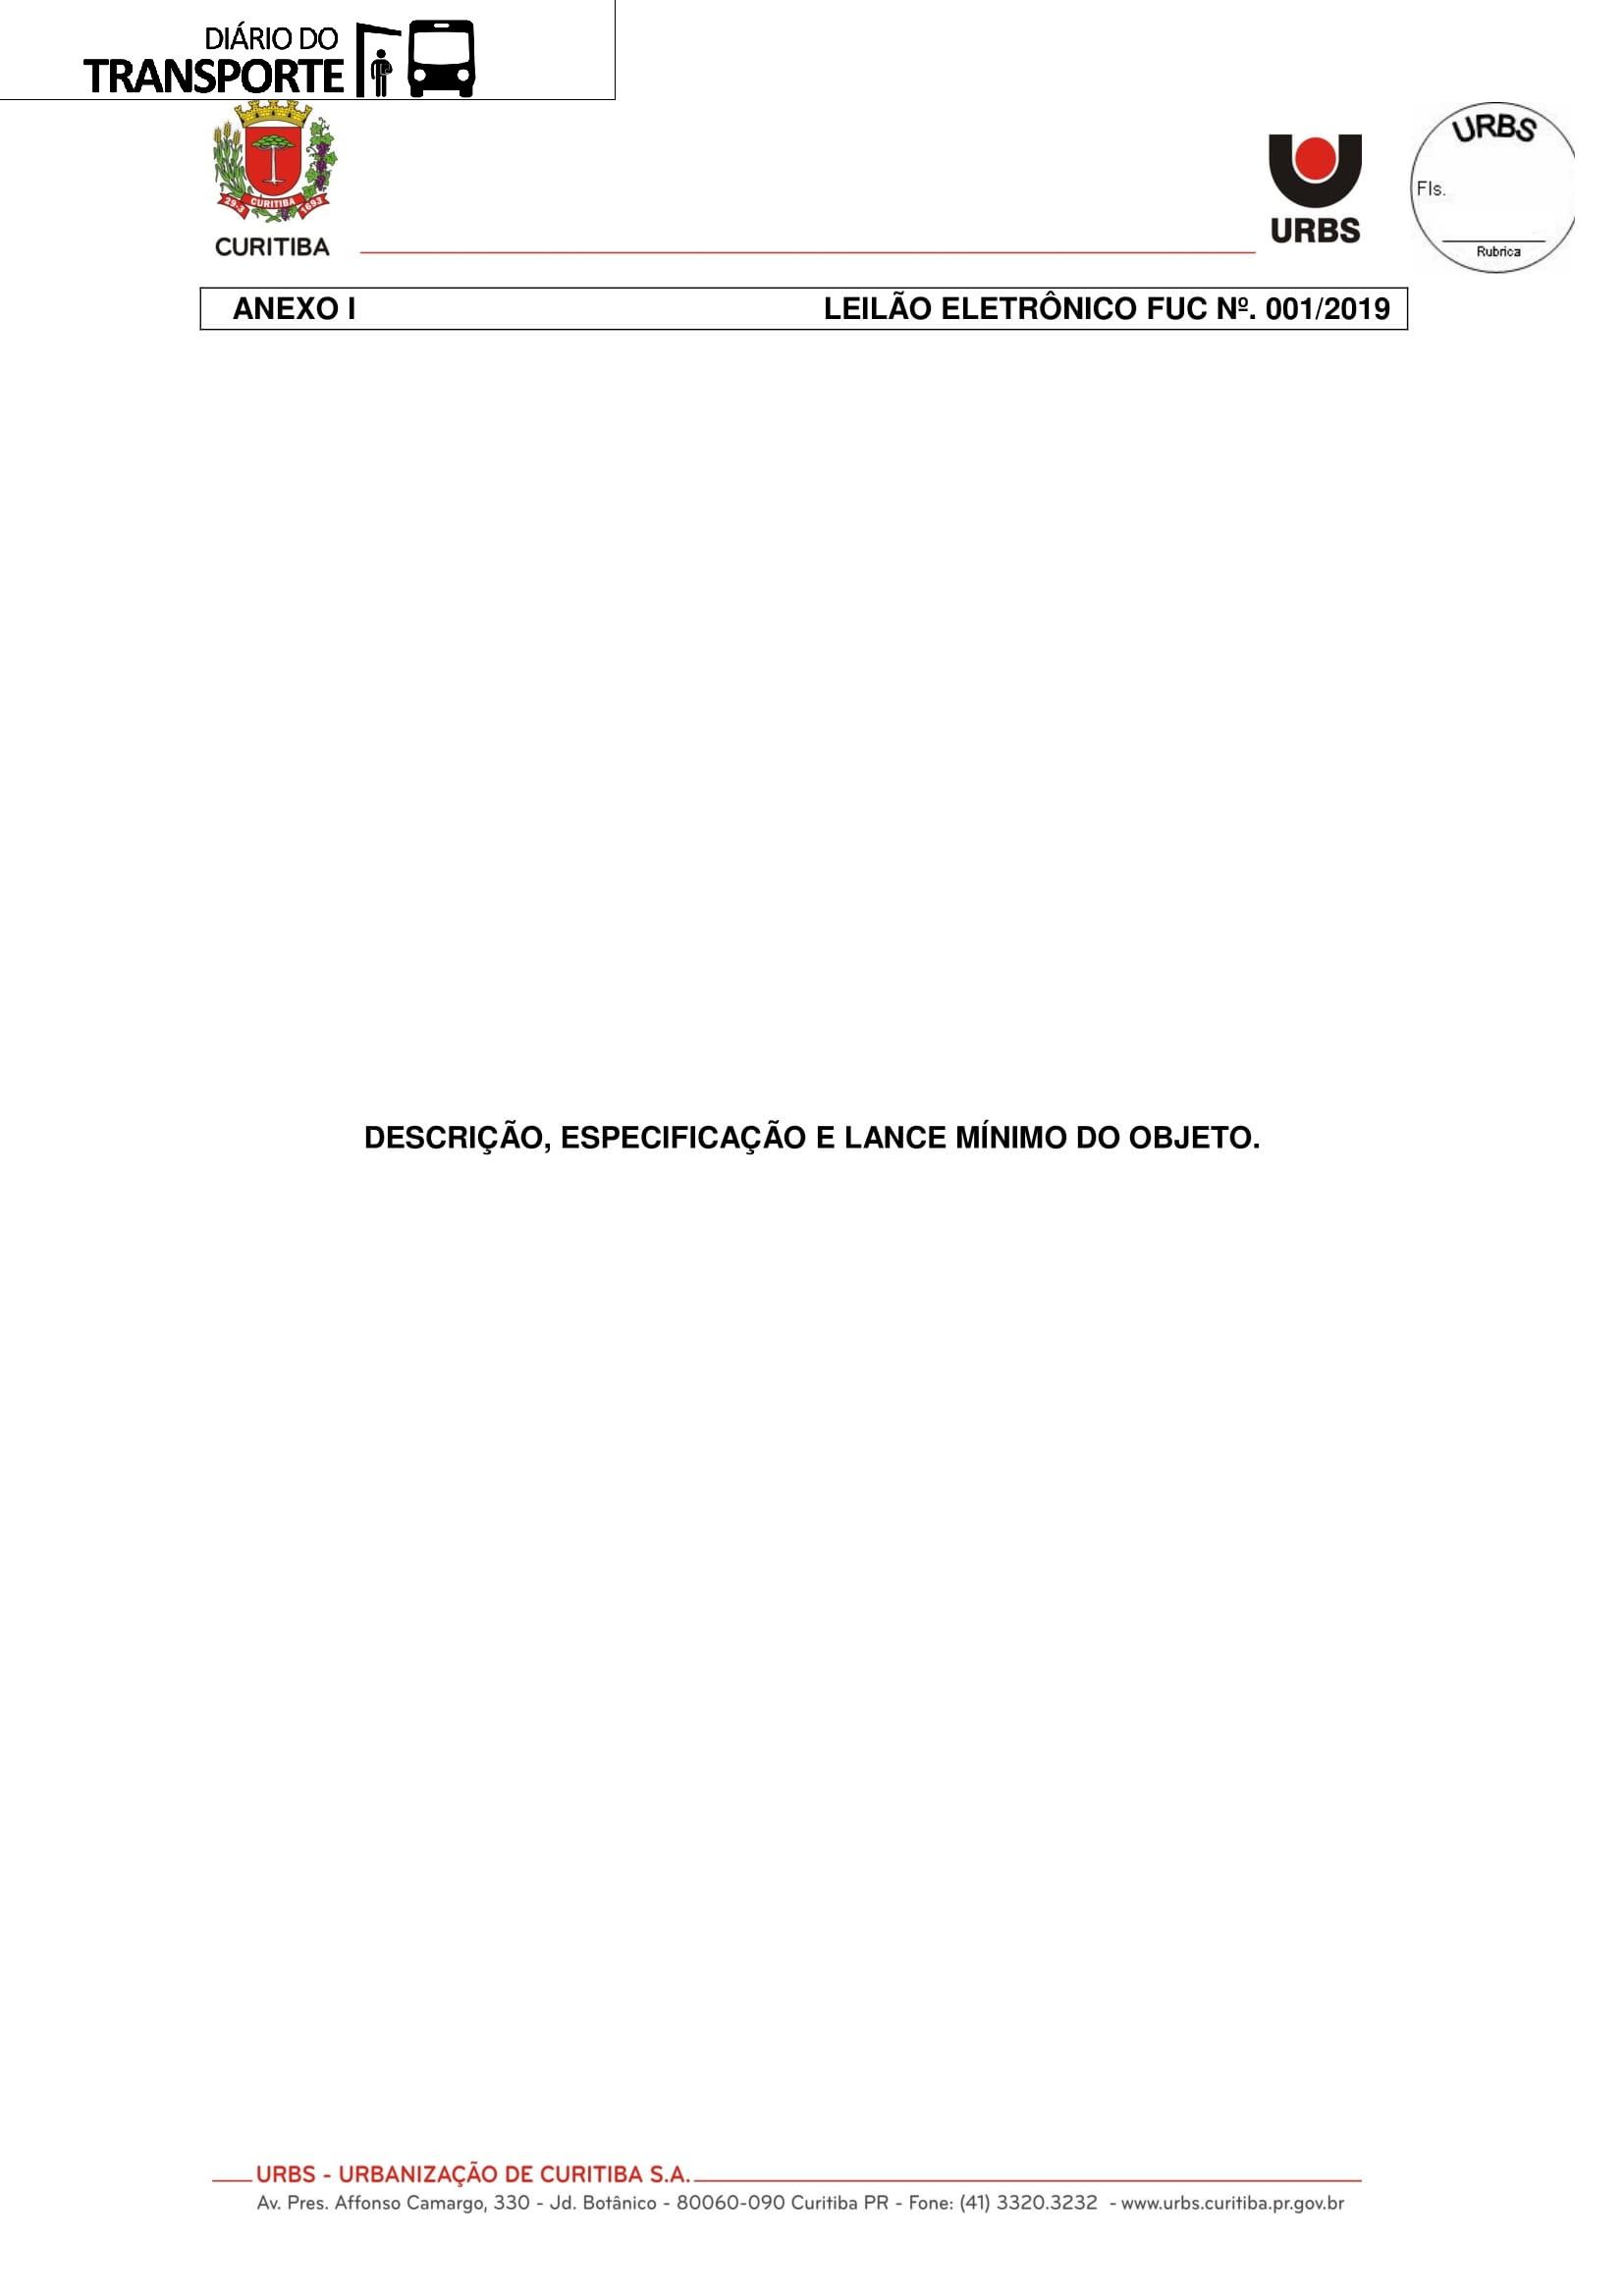 EDITAL_LEILAO_FUC_001_2019-10